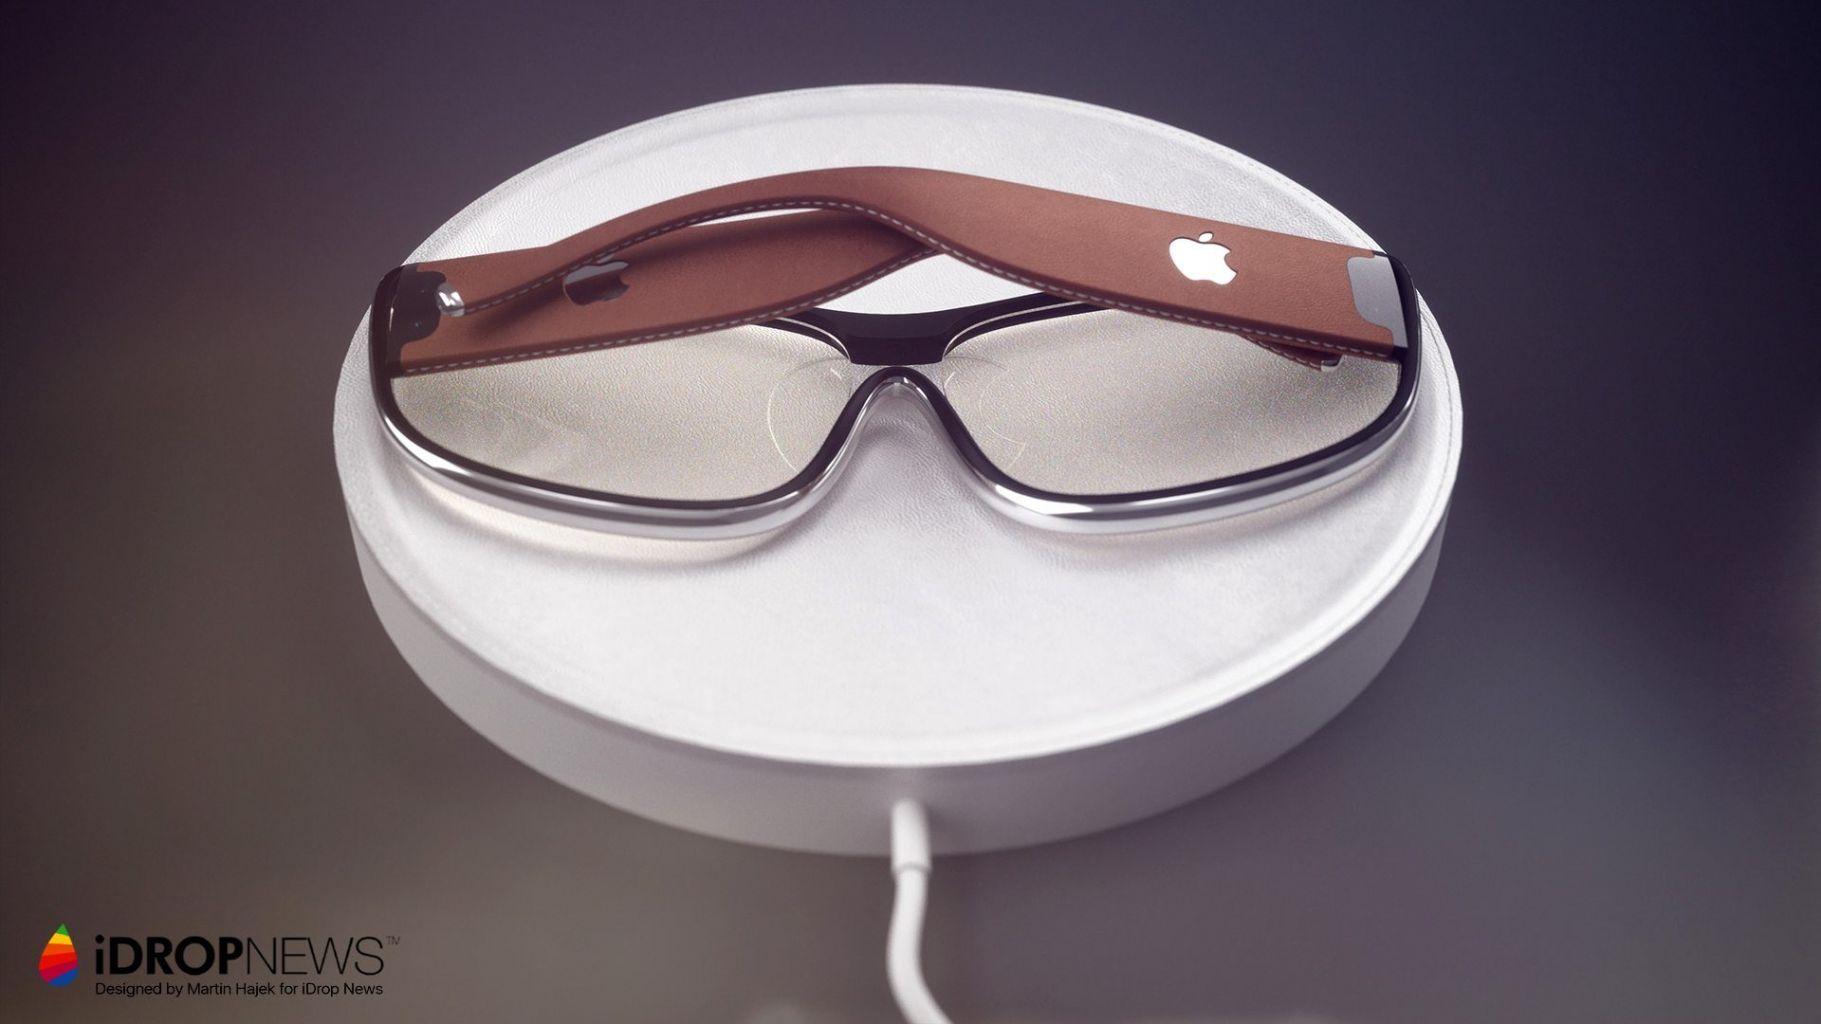 苹果收购了一家专注于 AR 眼镜镜片的公司